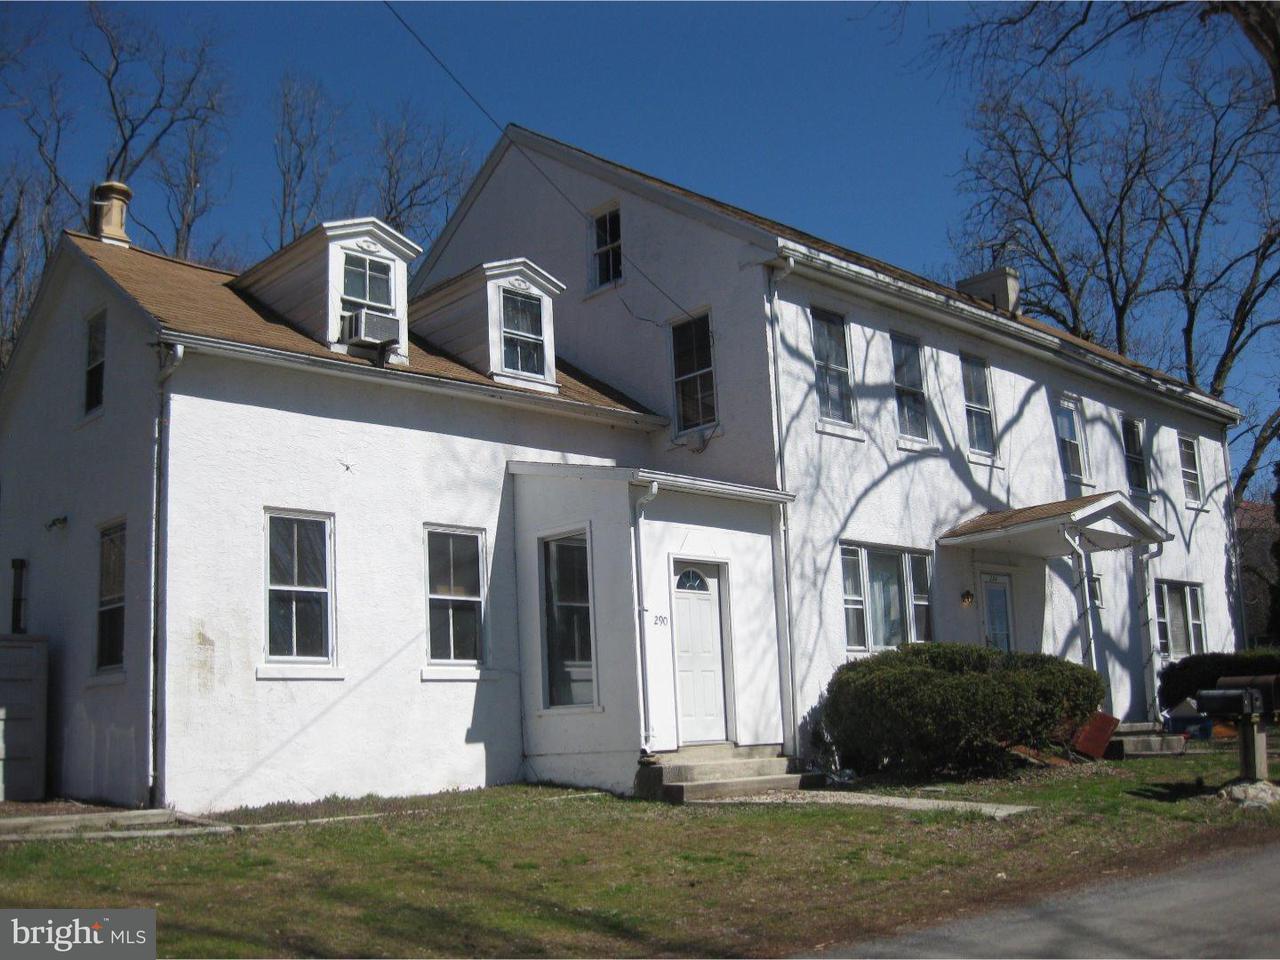 Casa Unifamiliar por un Venta en 280 HOTTENSTEIN Road Kutztown, Pennsylvania 19530 Estados Unidos